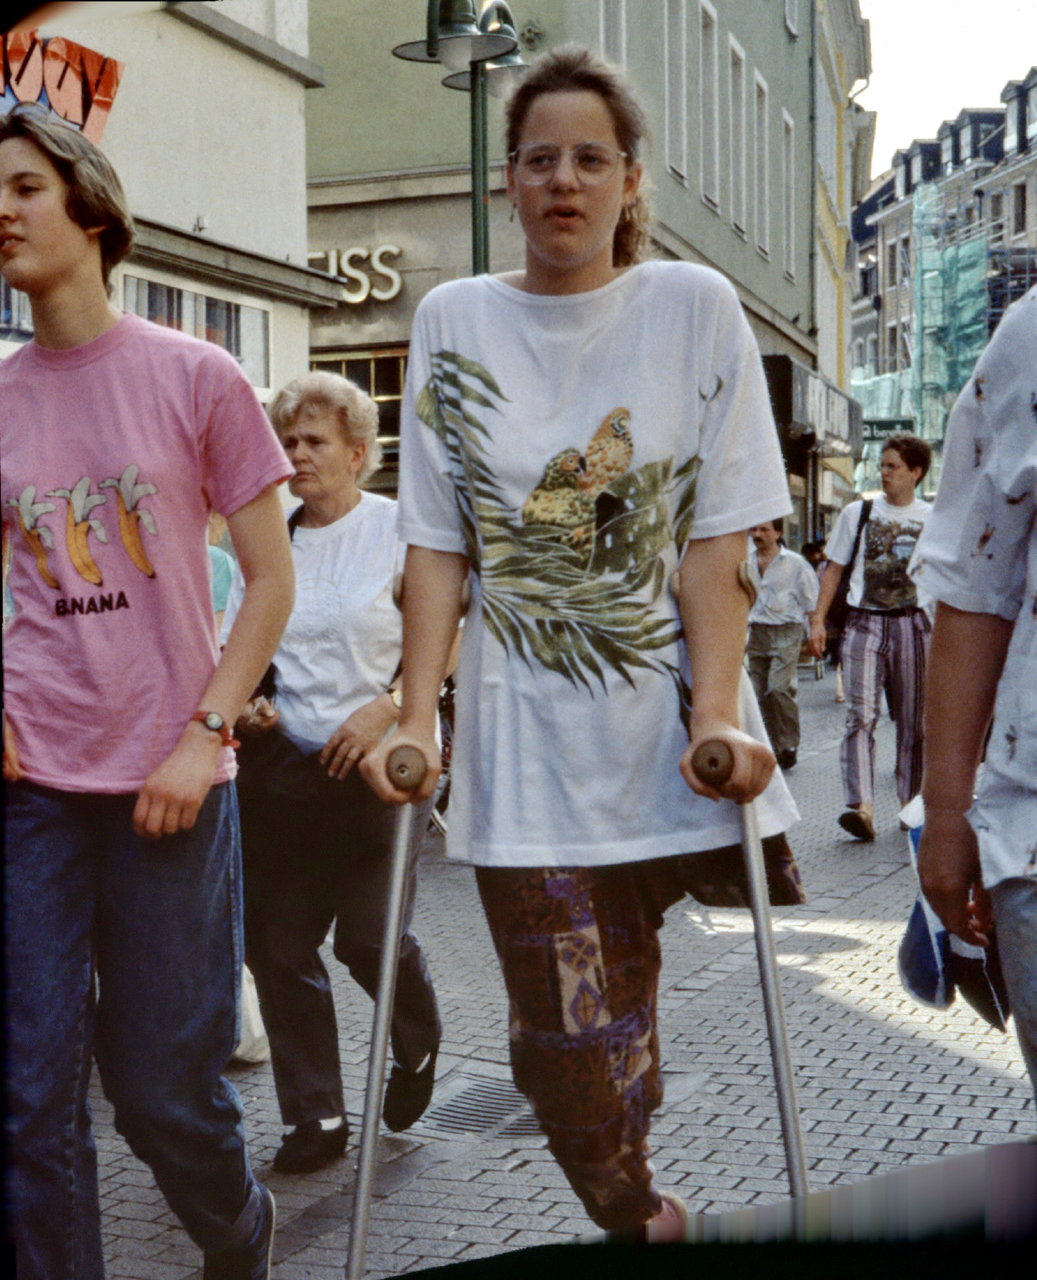 Fotos amputierten Frauen auf Krücken - Amputee Devotee